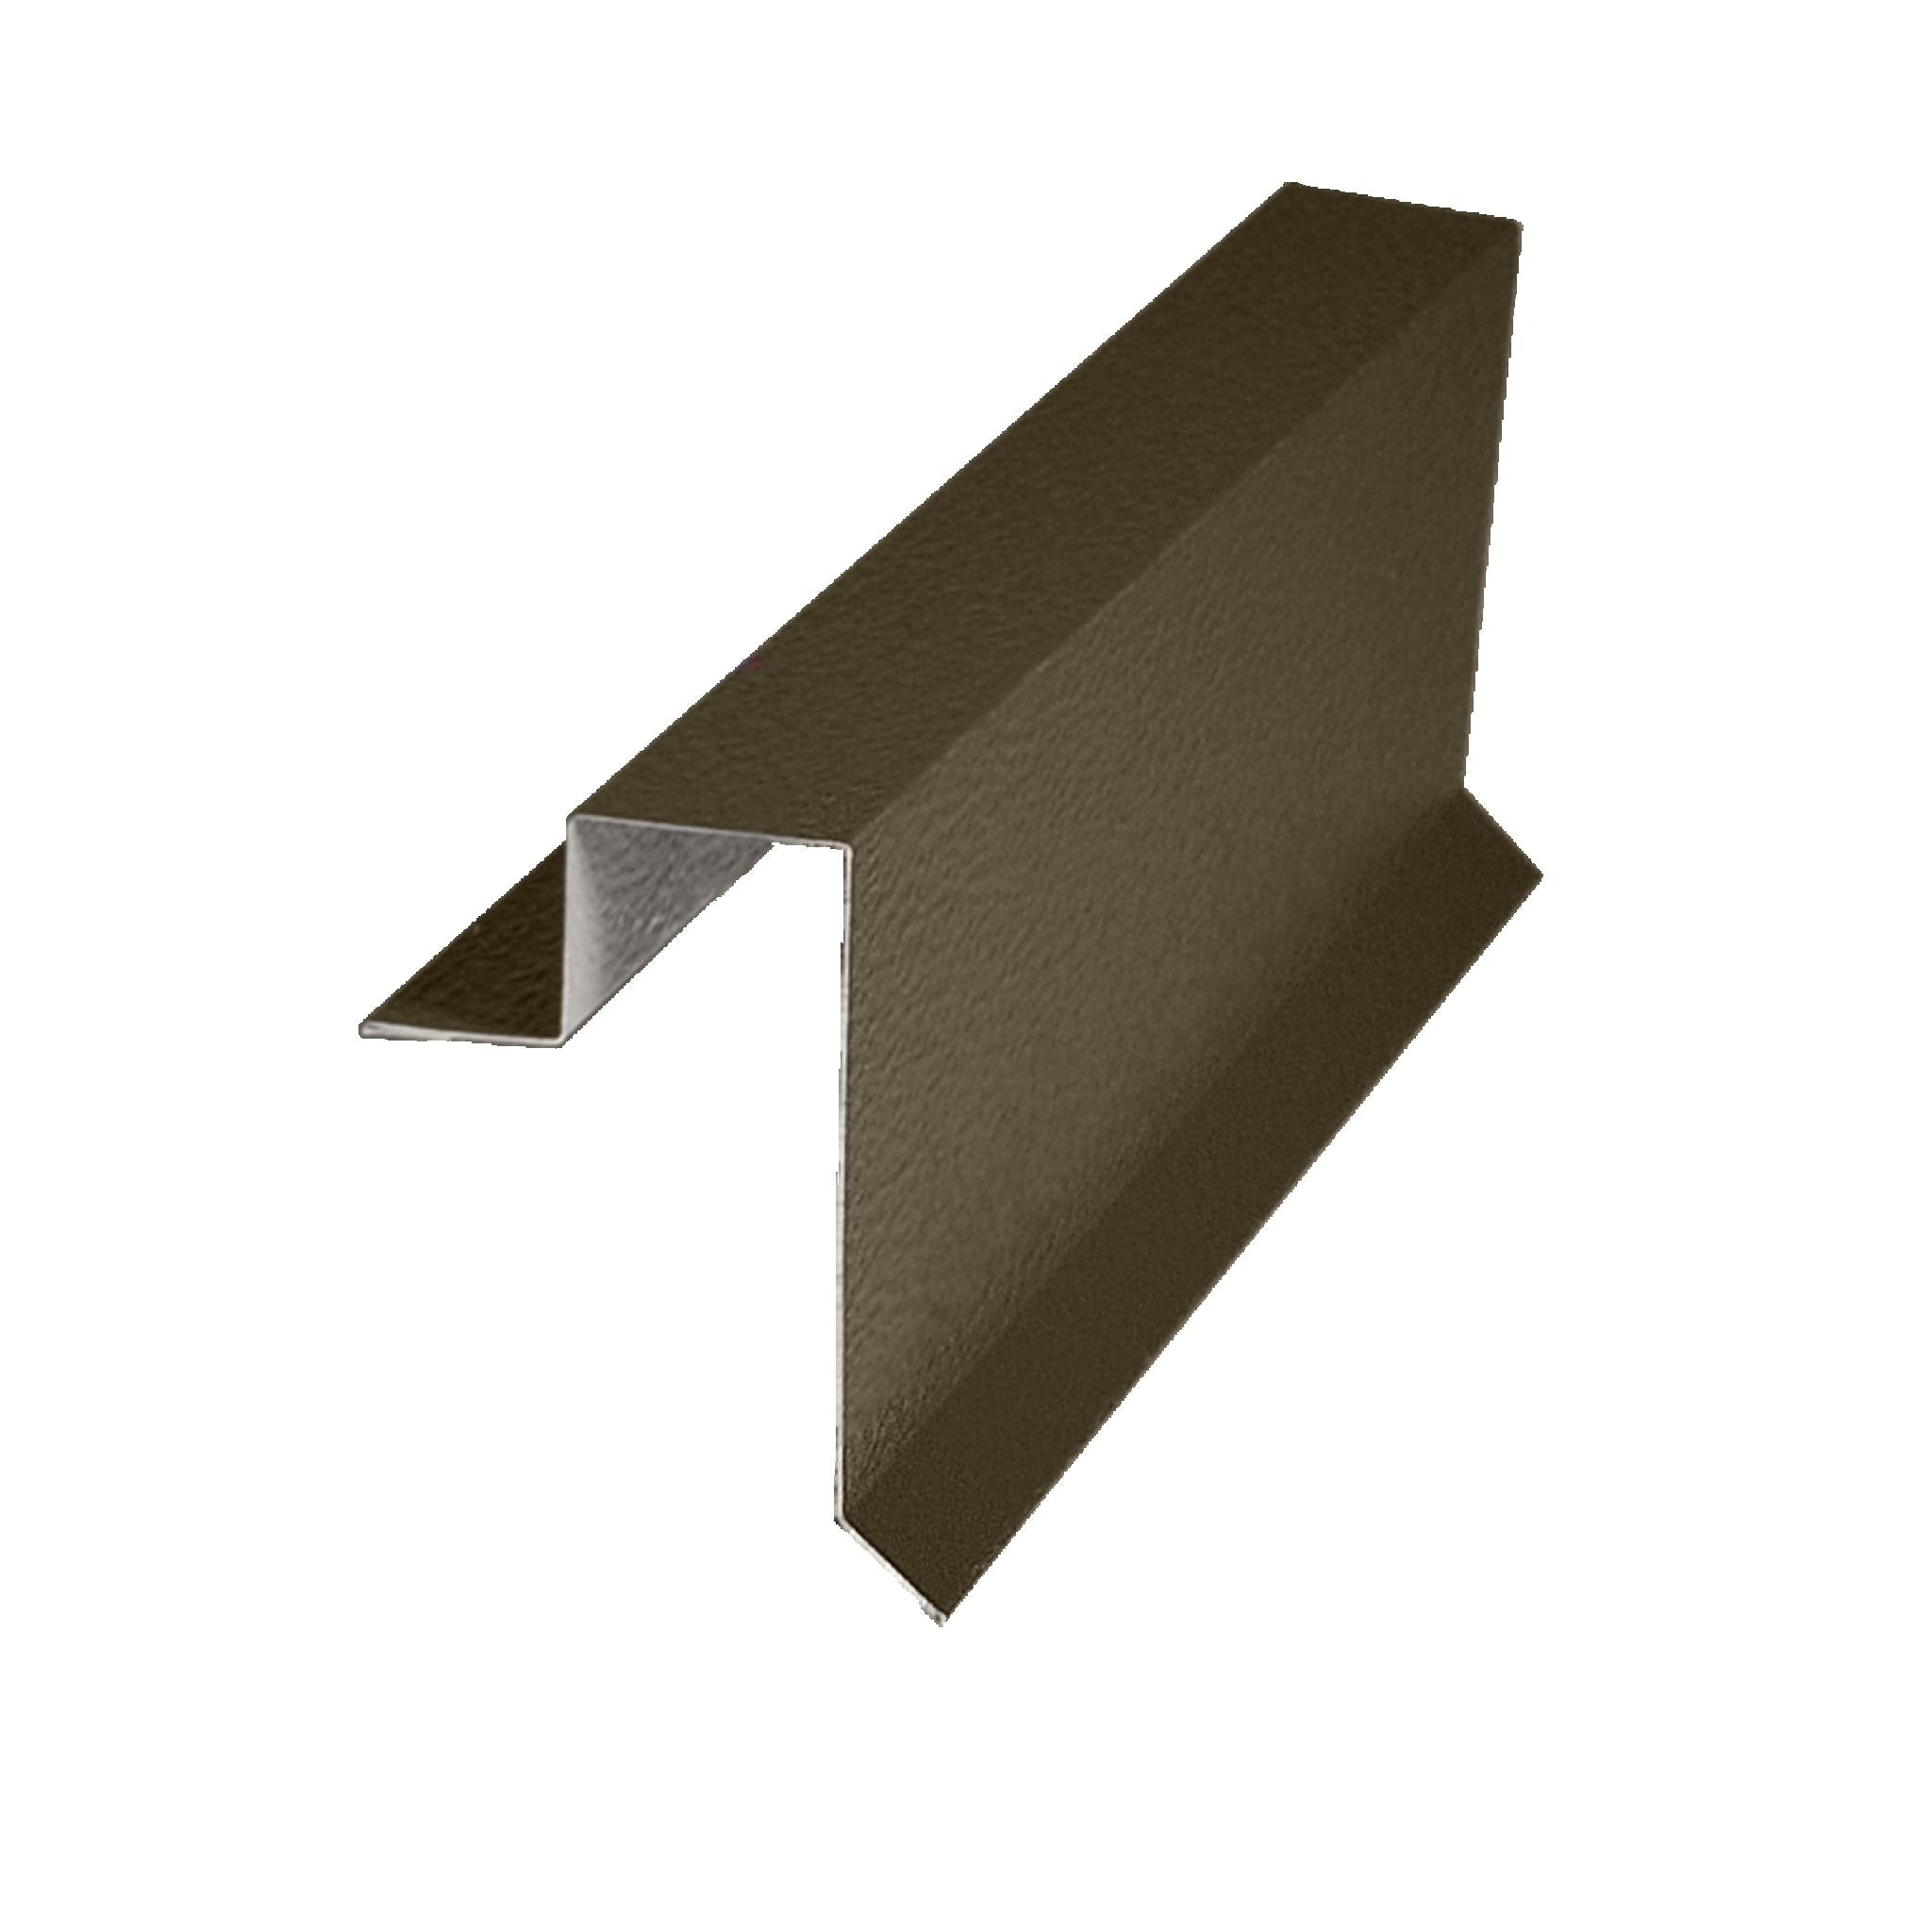 Snap-On Aluminum Rake Cap